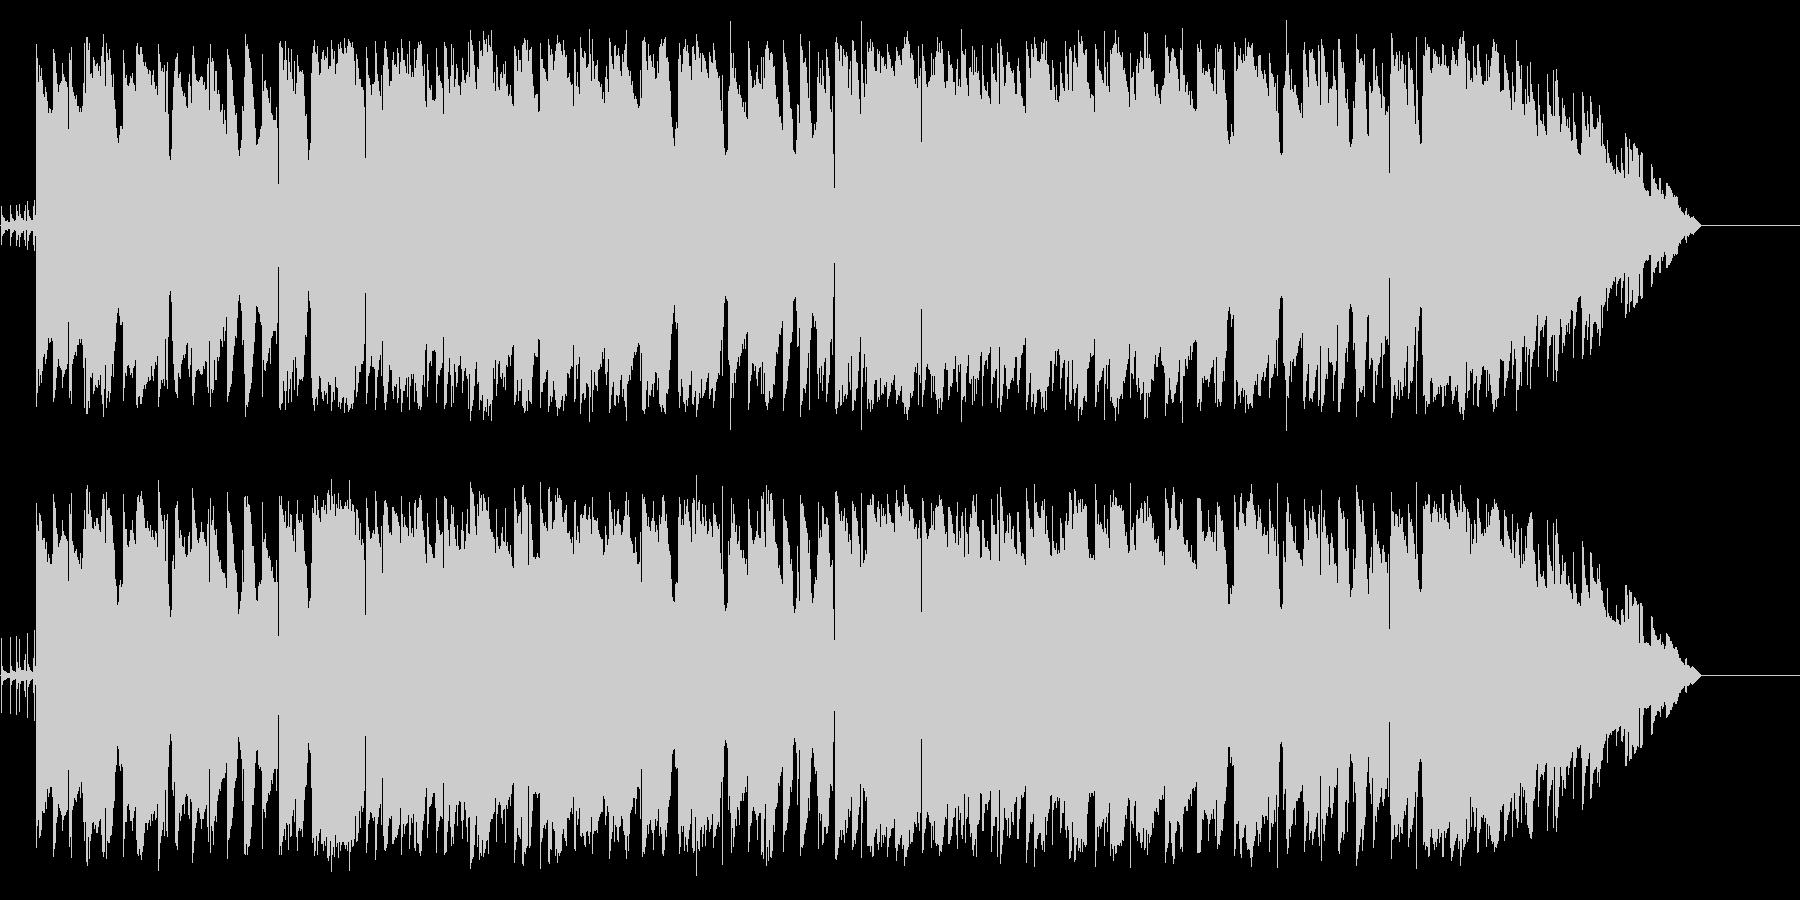 アダルトなバーをイメージしたジャズの未再生の波形